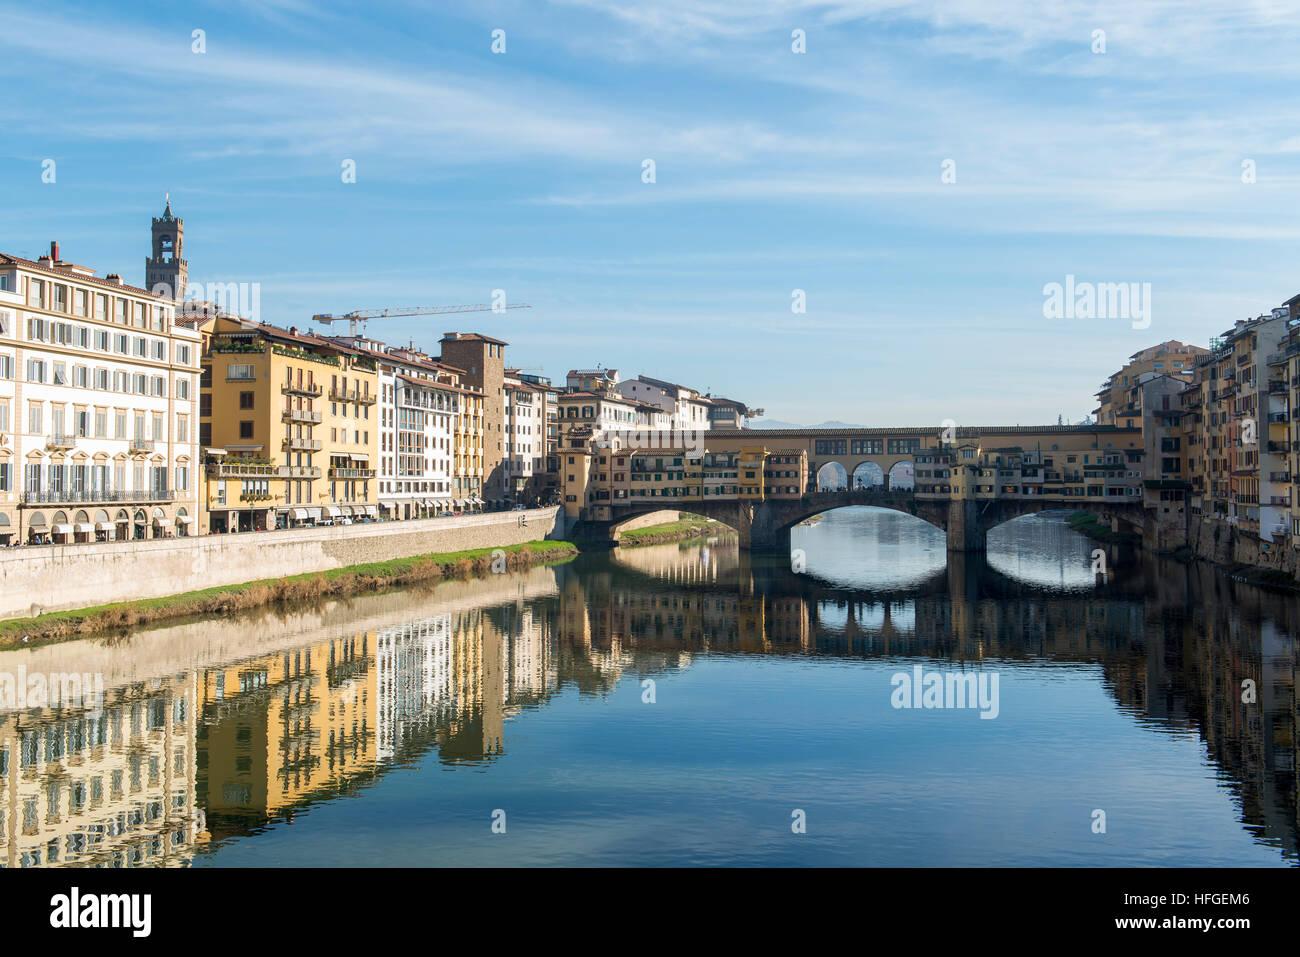 Le Ponte Vecchio sur l'Arno à Florence, Italie Photo Stock